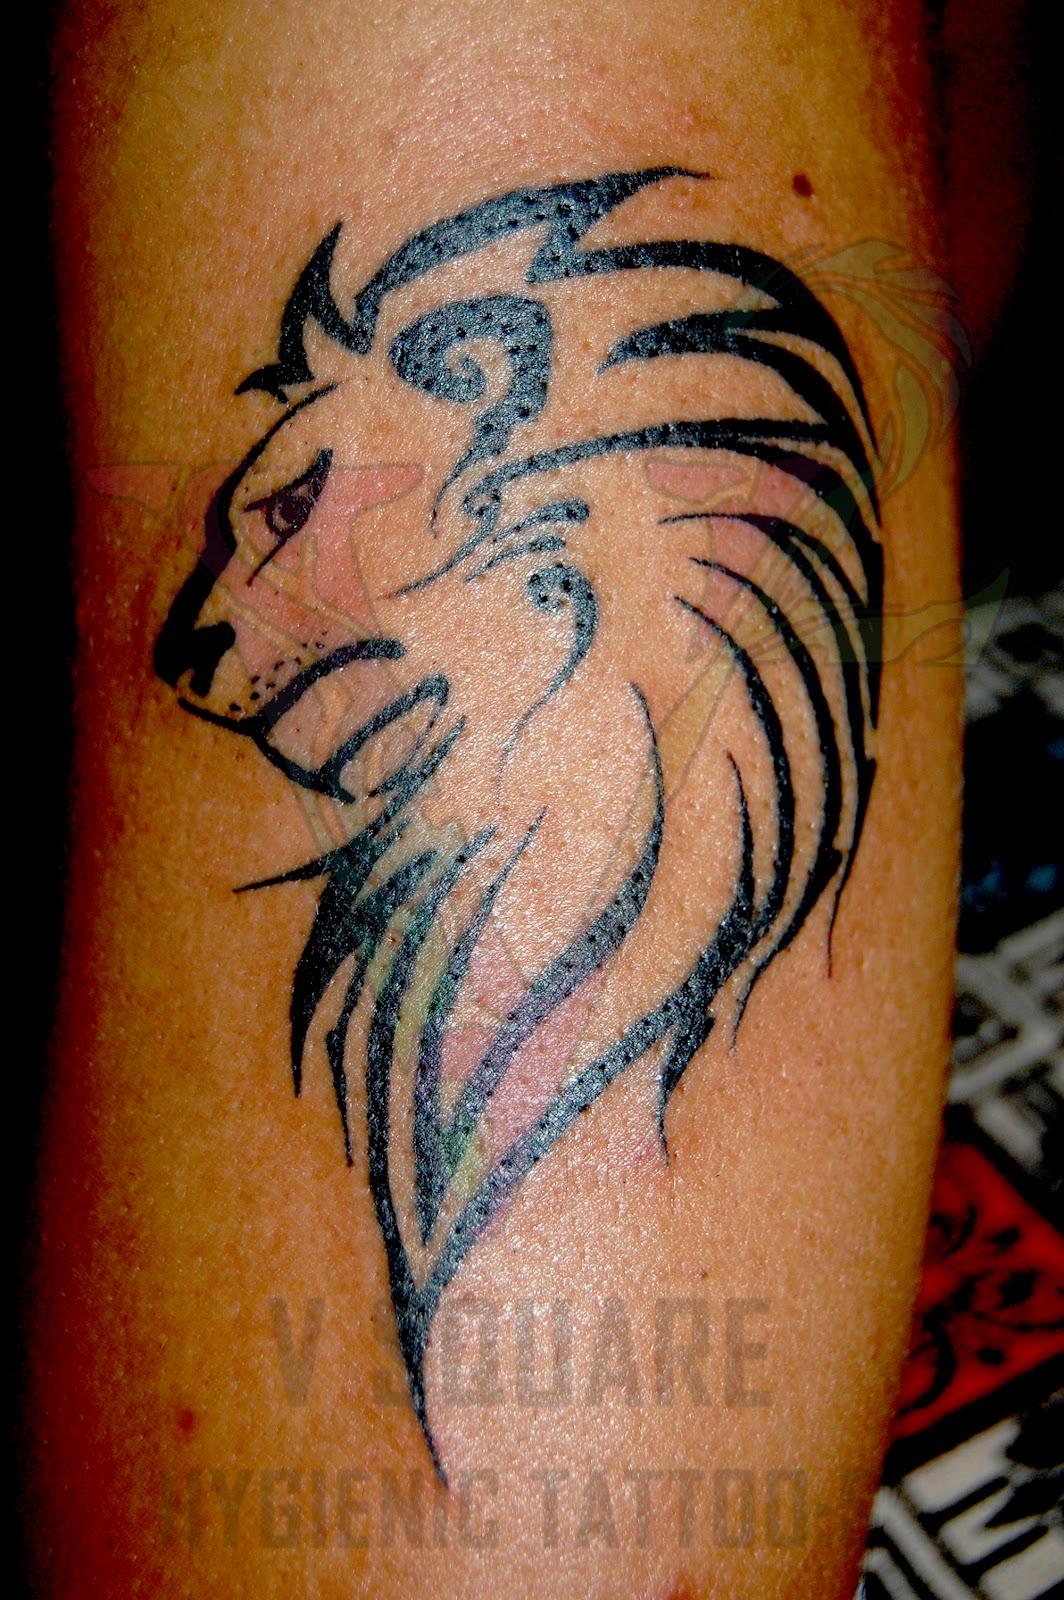 http://2.bp.blogspot.com/-3KCHa68hmrk/T0NU-yXNF_I/AAAAAAAAADw/pNjJxx4XdK0/s1600/lion_tattoo.jpg